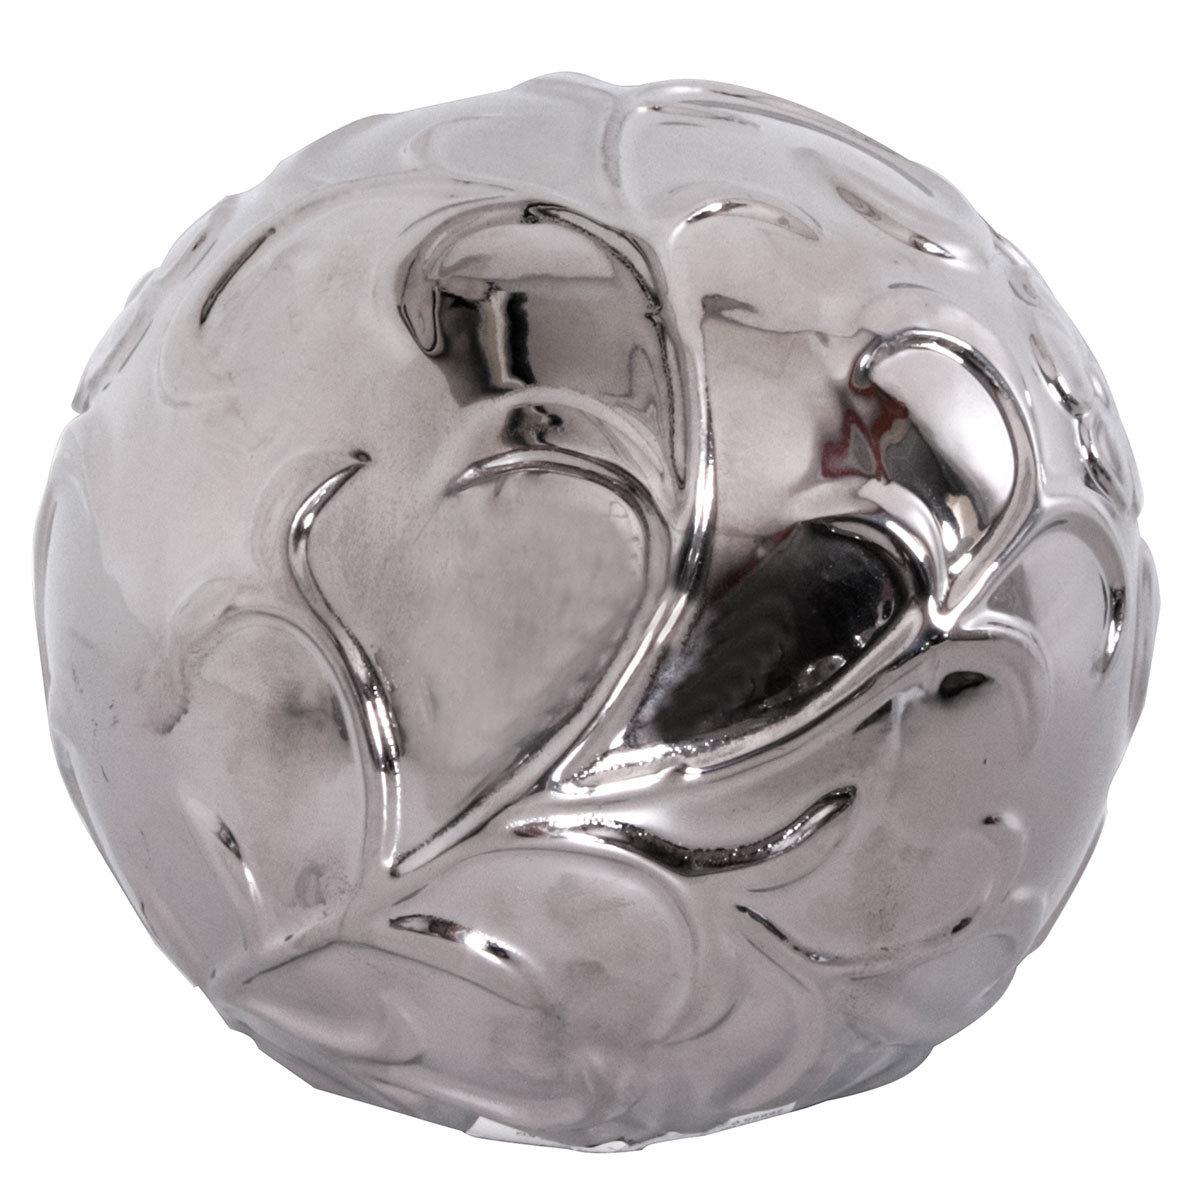 Deko-Kugel Floral, Durchmesser 14 cm